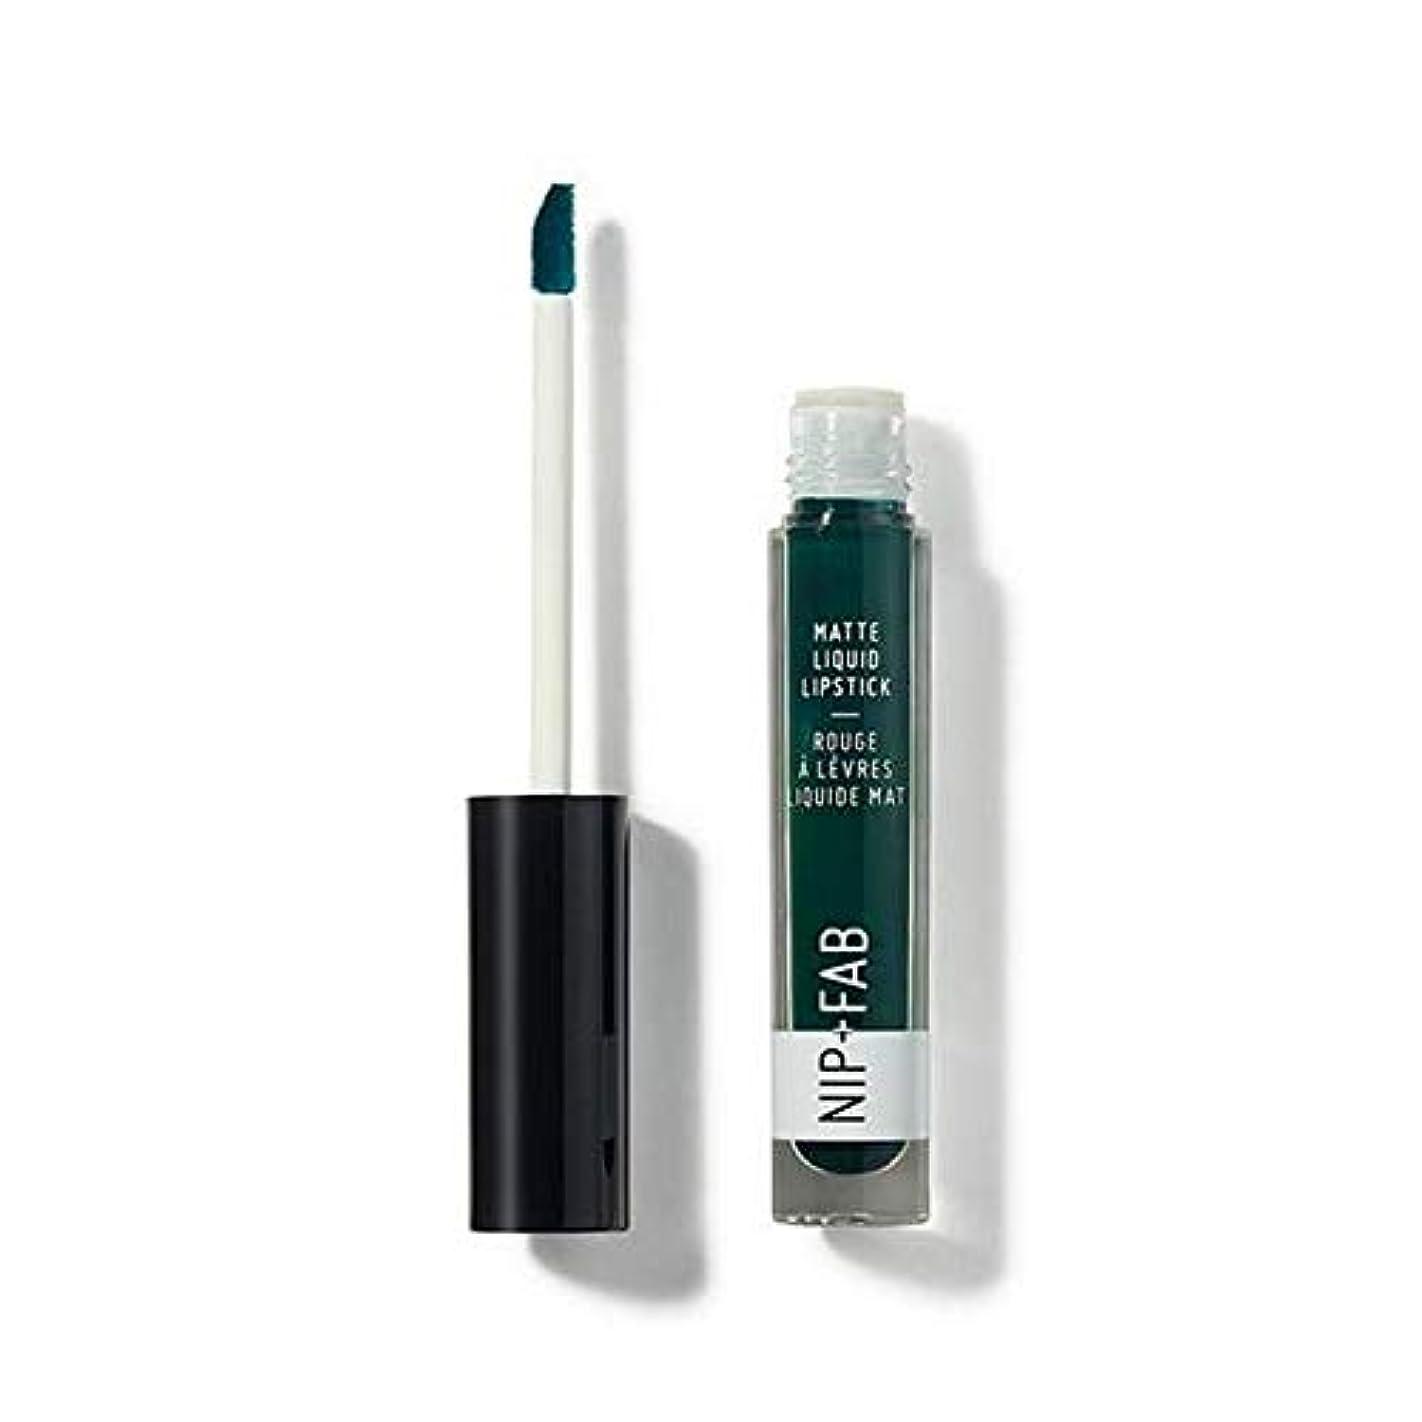 冷ややかな見分ける急流[Nip & Fab ] + Fabマット液状口紅クールミント65ニップ - Nip+Fab Matte Liquid Lipstick Cool Mint 65 [並行輸入品]